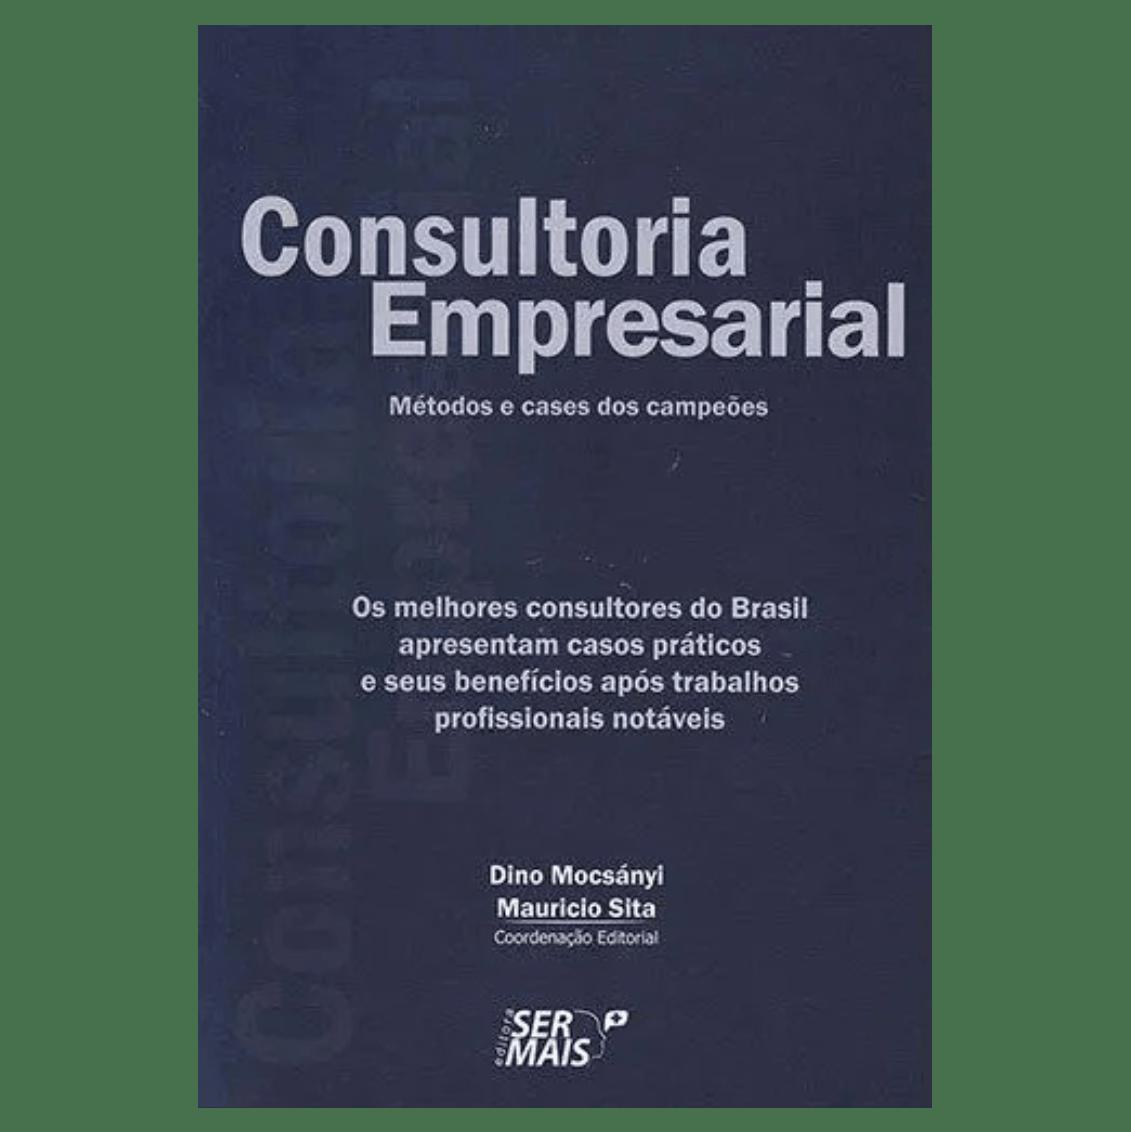 Consultoria empresarial: Os melhores consultores do brasil apresentam casos práticos e seus benefícios após trabalhos profissionais notáveis